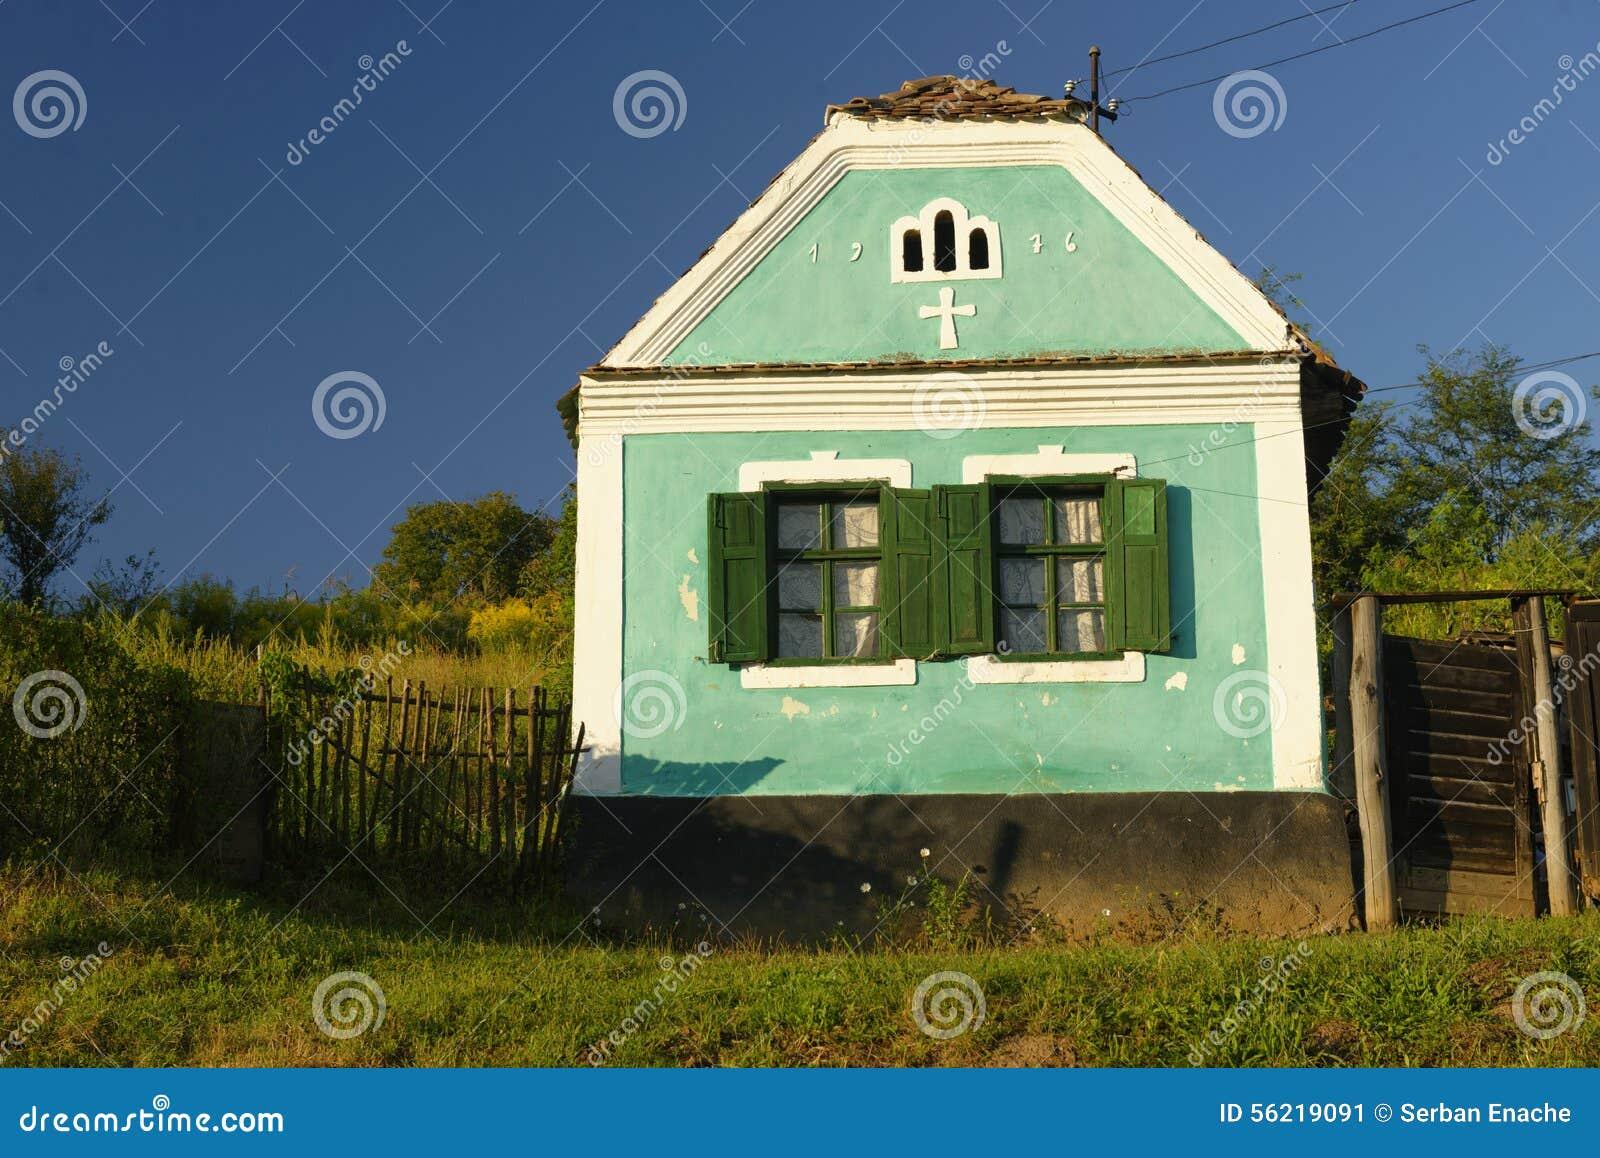 Maison roumanie simple prfabriqu journal cabines en bois - Maison portable ...